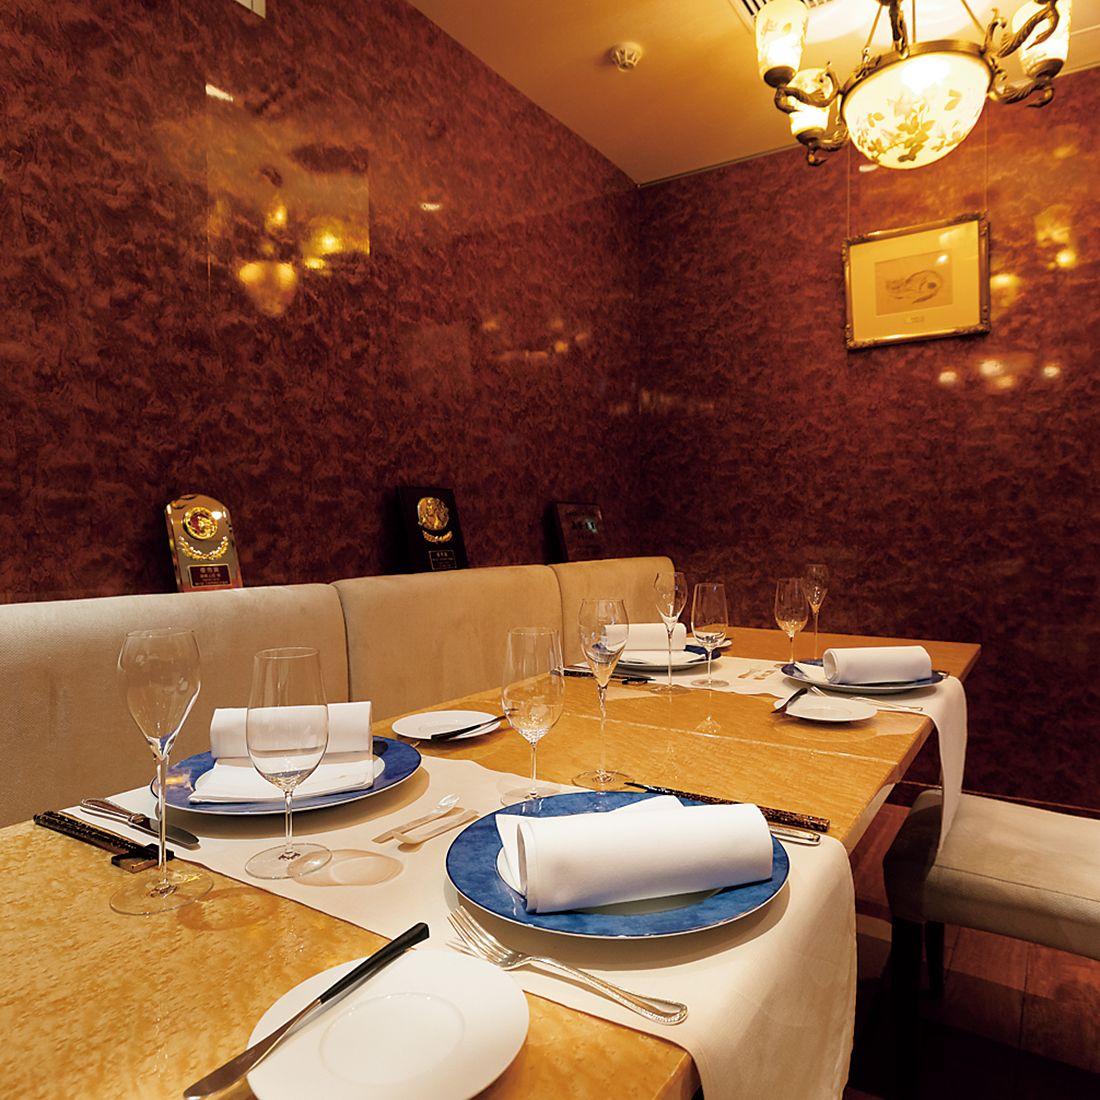 藤田嗣治の絵画やシャンデリアに彩られた個室。